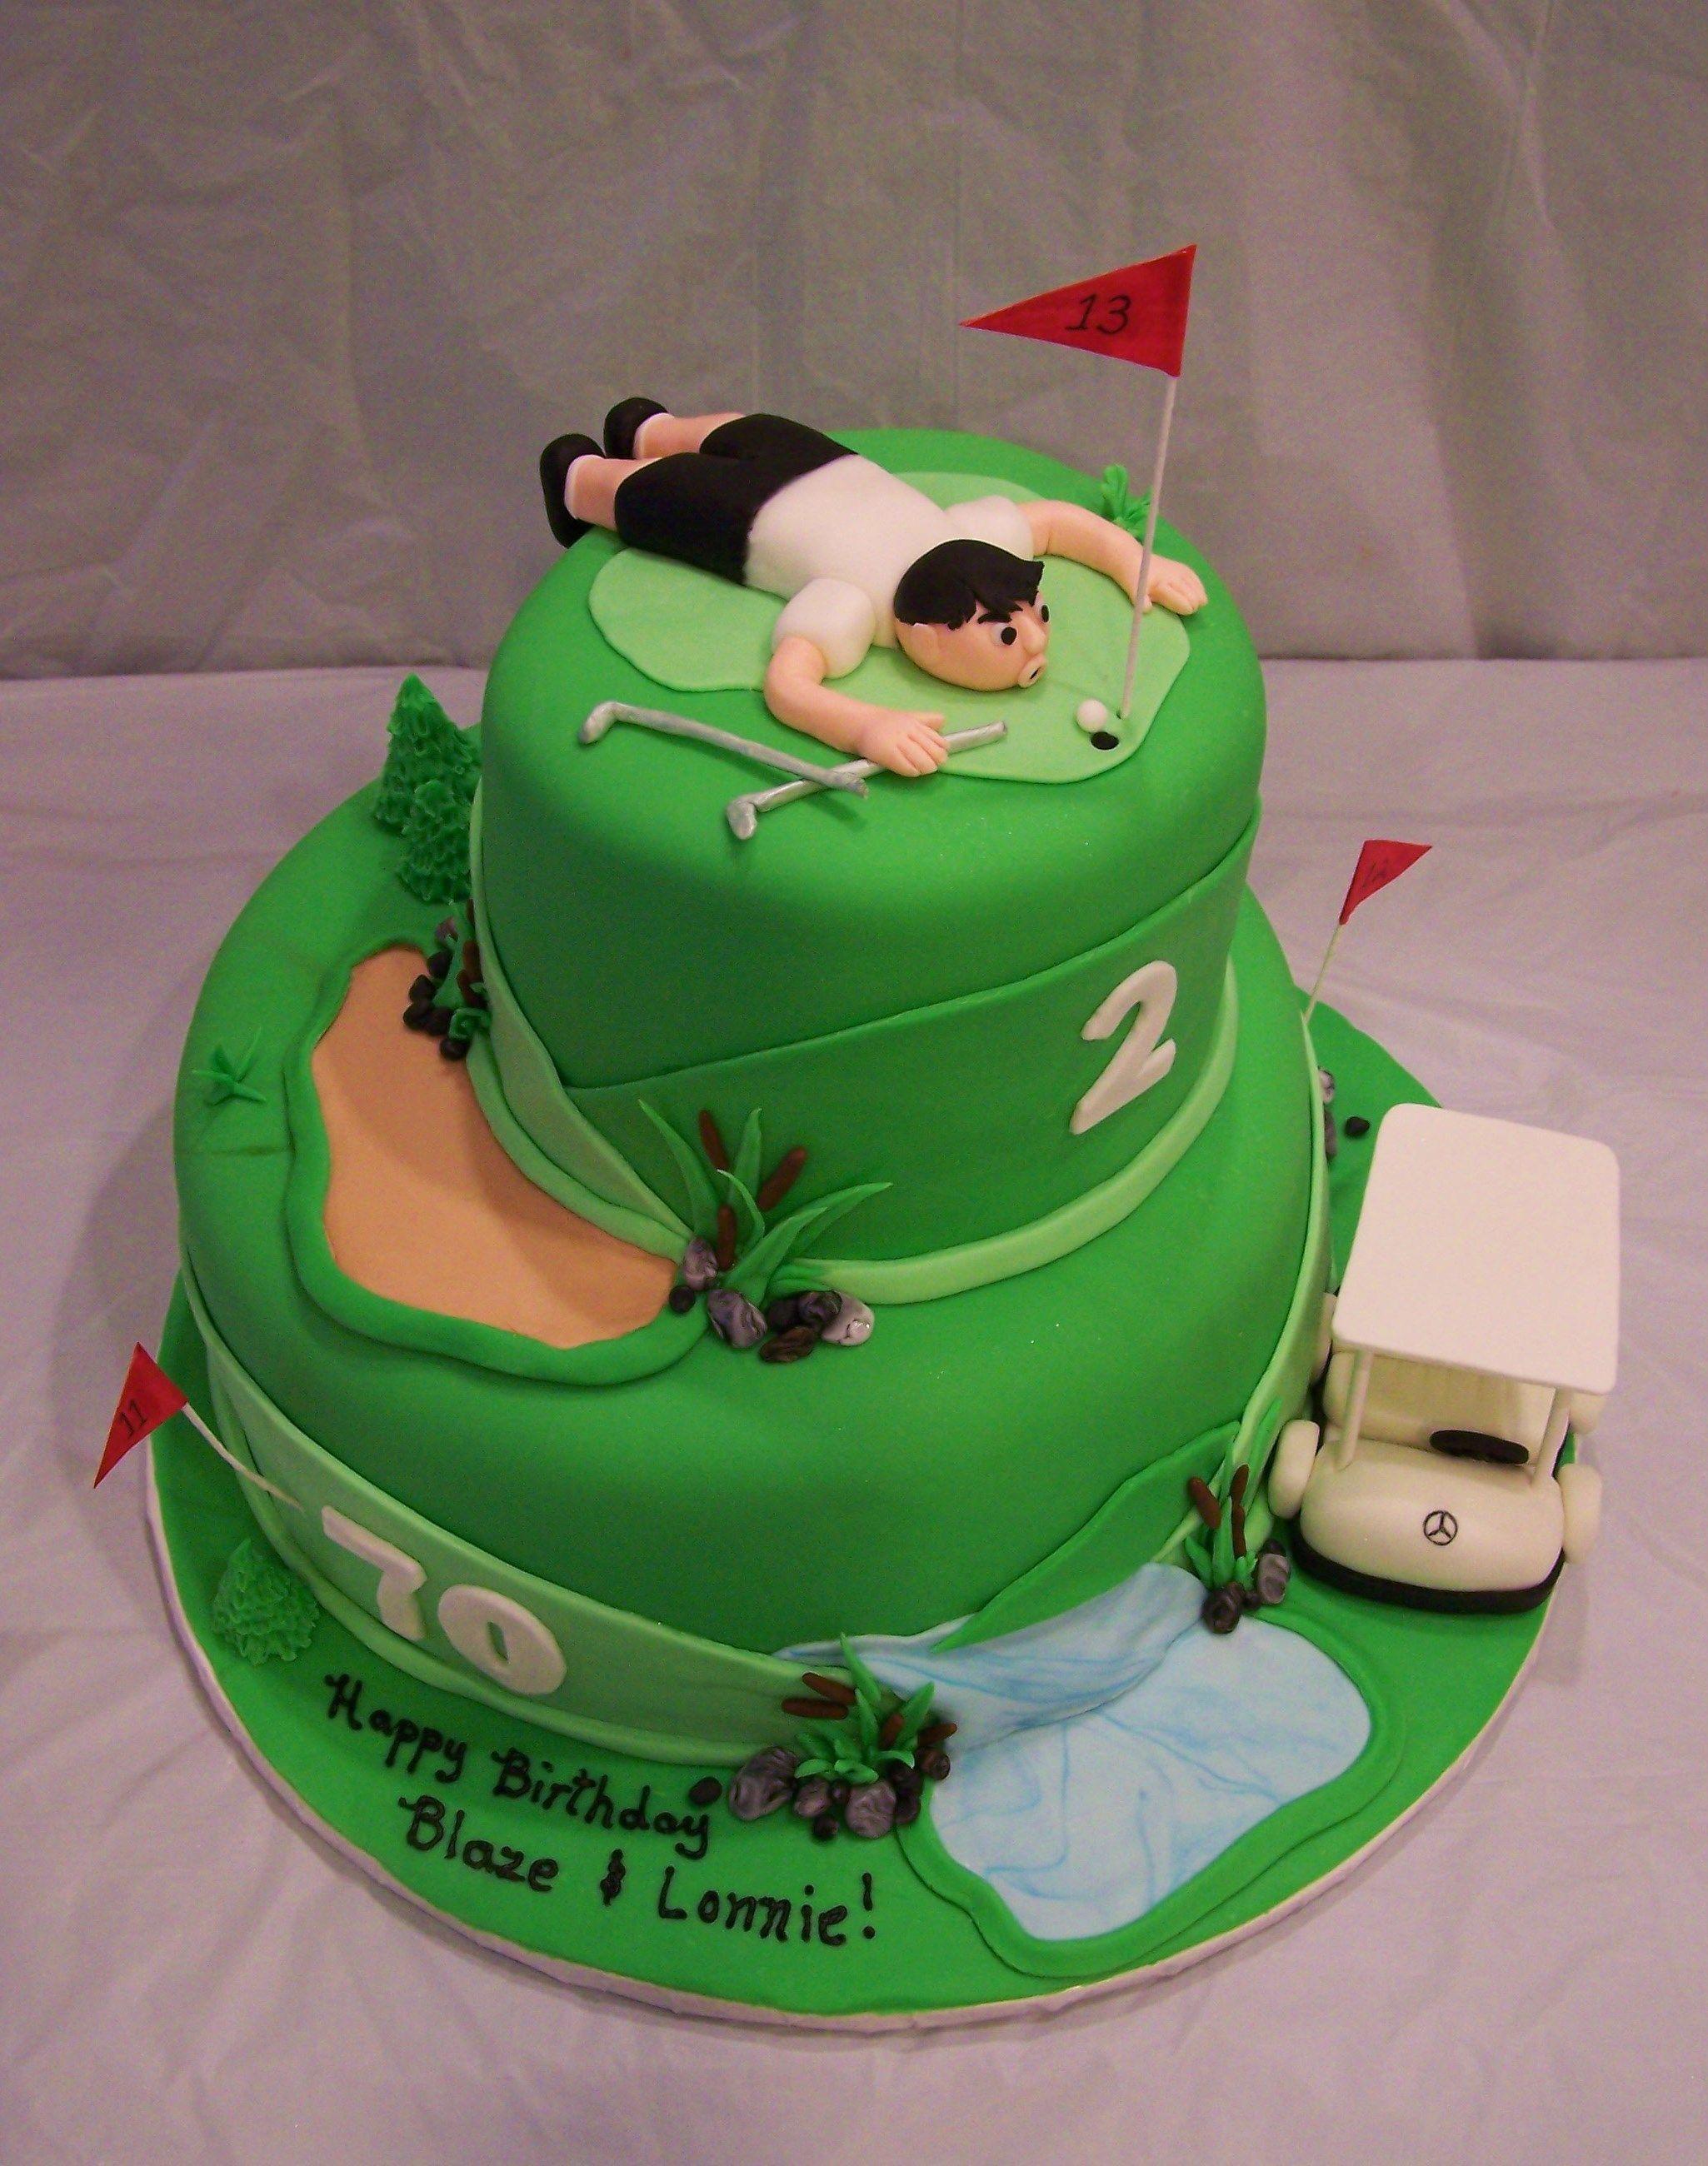 Golf Themed Cake Cakes I Ve Made Pinterest Golf